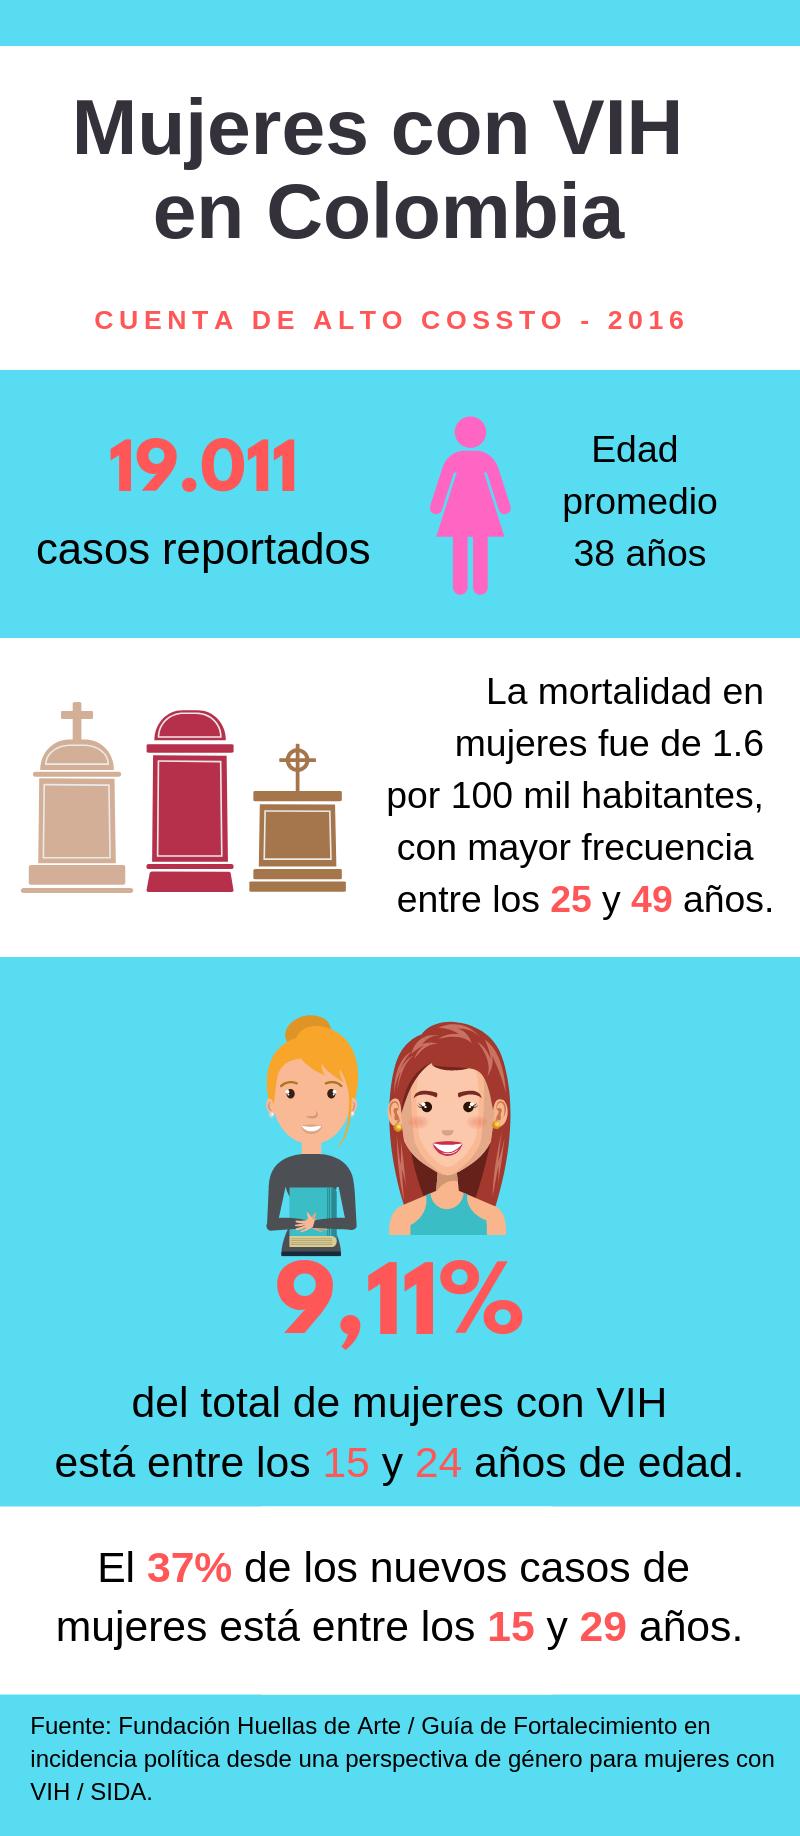 Fuente: Fundación Huellas de Arte / Guía de fortalecimiento.